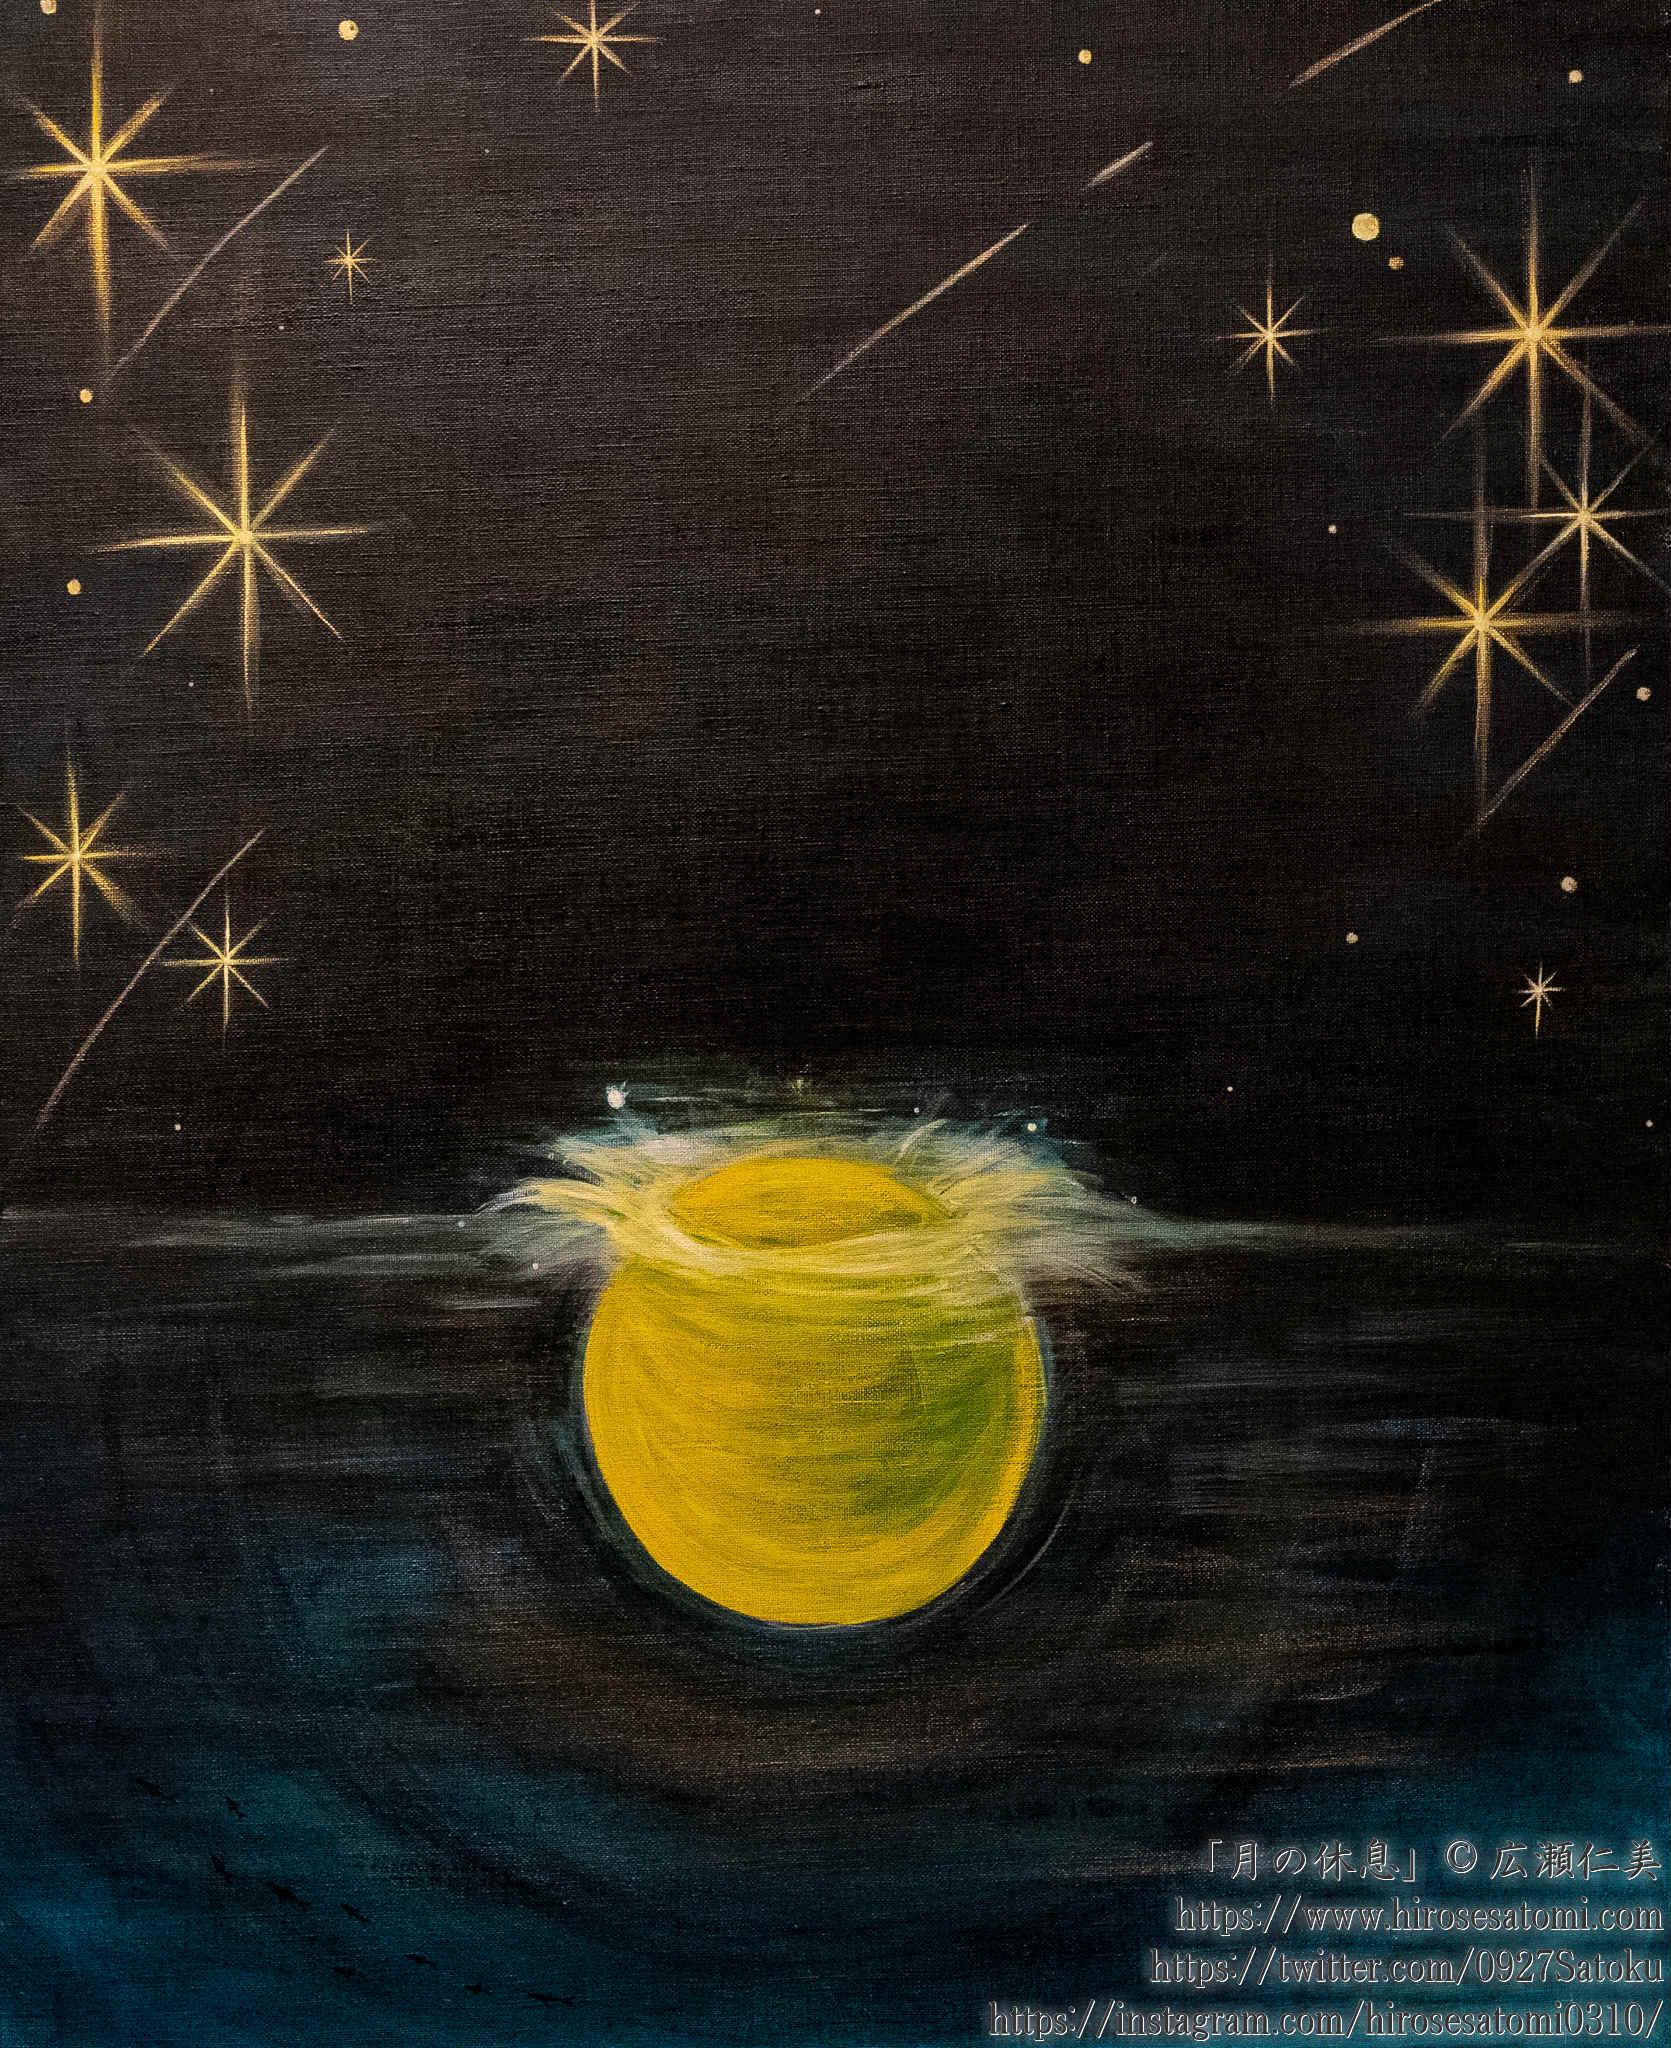 『 月の休息 』(蓄光)